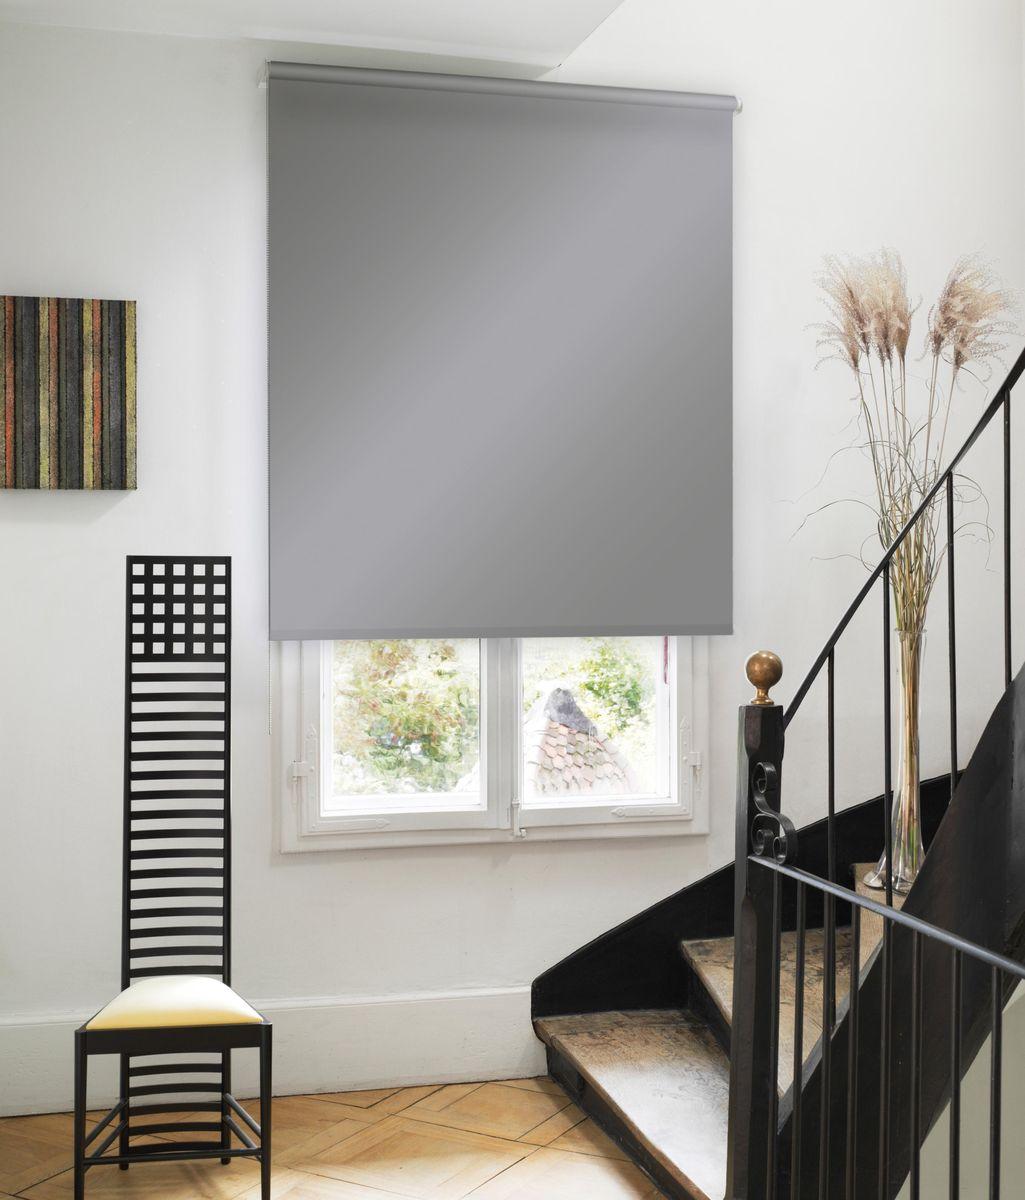 Штора рулонная Эскар, цвет: серый, ширина 150 см, высота 170 см81020150170Рулонными шторами Эскар можно оформлять окна как самостоятельно, так и использовать в комбинации с портьерами. Это поможет предотвратить выгорание дорогой ткани на солнце и соединит функционал рулонных с красотой навесных. Преимущества применения рулонных штор для пластиковых окон: - имеют прекрасный внешний вид: многообразие и фактурность материала изделия отлично смотрятся в любом интерьере;- многофункциональны: есть возможность подобрать шторы способные эффективно защитить комнату от солнца, при этом она не будет слишком темной;- есть возможность осуществить быстрый монтаж.ВНИМАНИЕ! Размеры ширины изделия указаны по ширине ткани! Во время эксплуатации не рекомендуется полностью разматывать рулон, чтобы не оторвать ткань от намоточного вала. В случае загрязнения поверхности ткани, чистку шторы проводят одним из способов, в зависимости от типа загрязнения:легкое поверхностное загрязнение можно удалить при помощи канцелярского ластика;чистка от пыли производится сухим методом при помощи пылесоса с мягкой щеткой-насадкой;для удаления пятна используйте мягкую губку с пенообразующим неагрессивным моющим средством или пятновыводитель на натуральной основе (нельзя применять растворители).